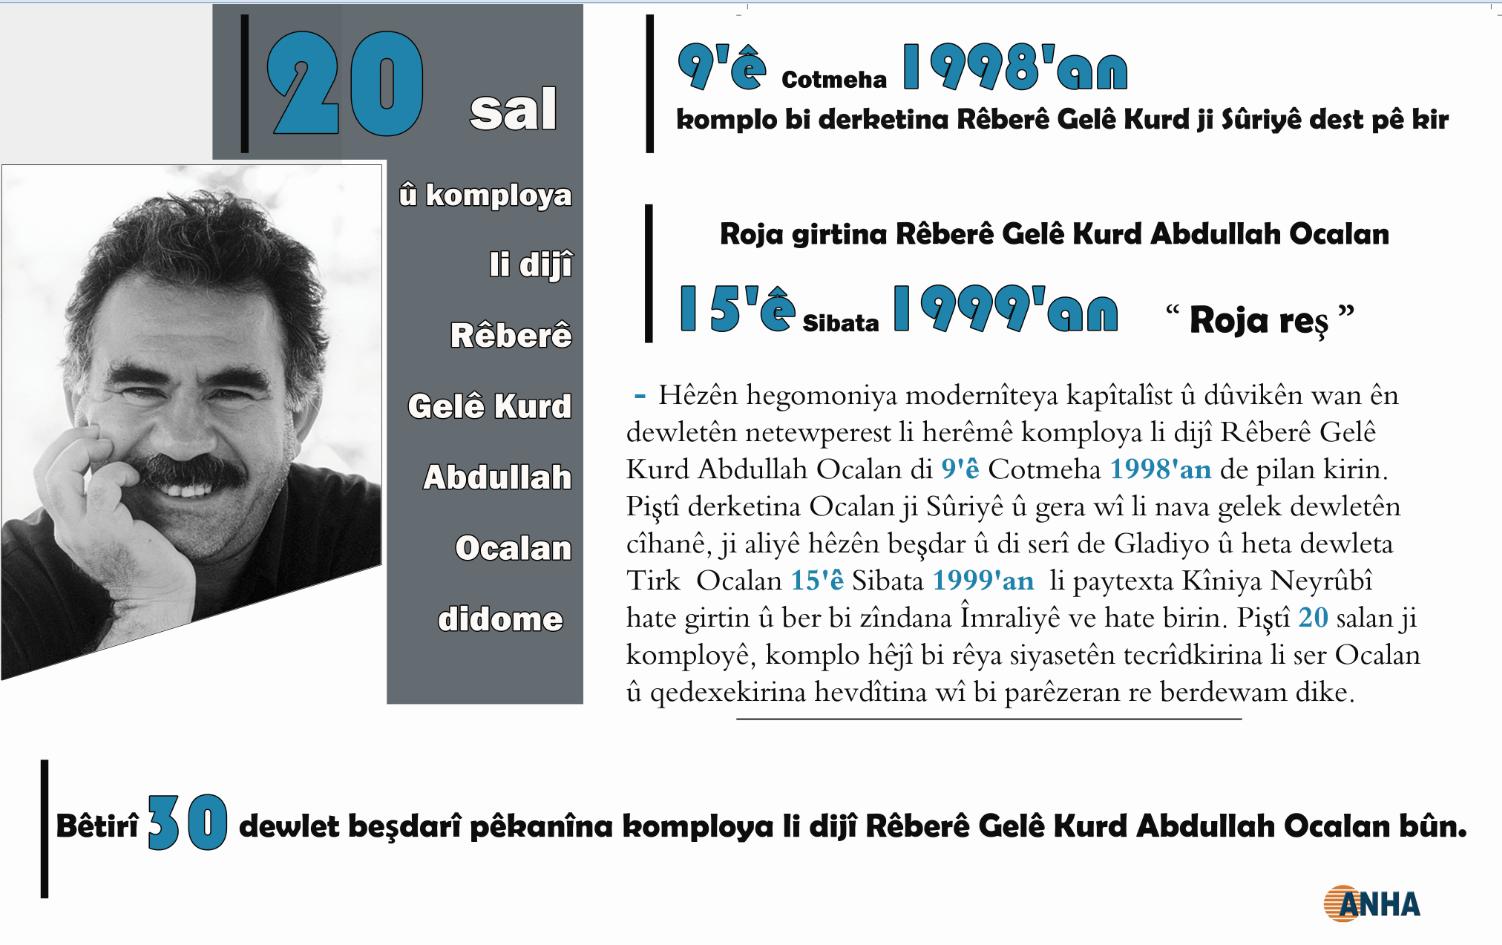 20 sal û komploya li dijî Ocalan didome